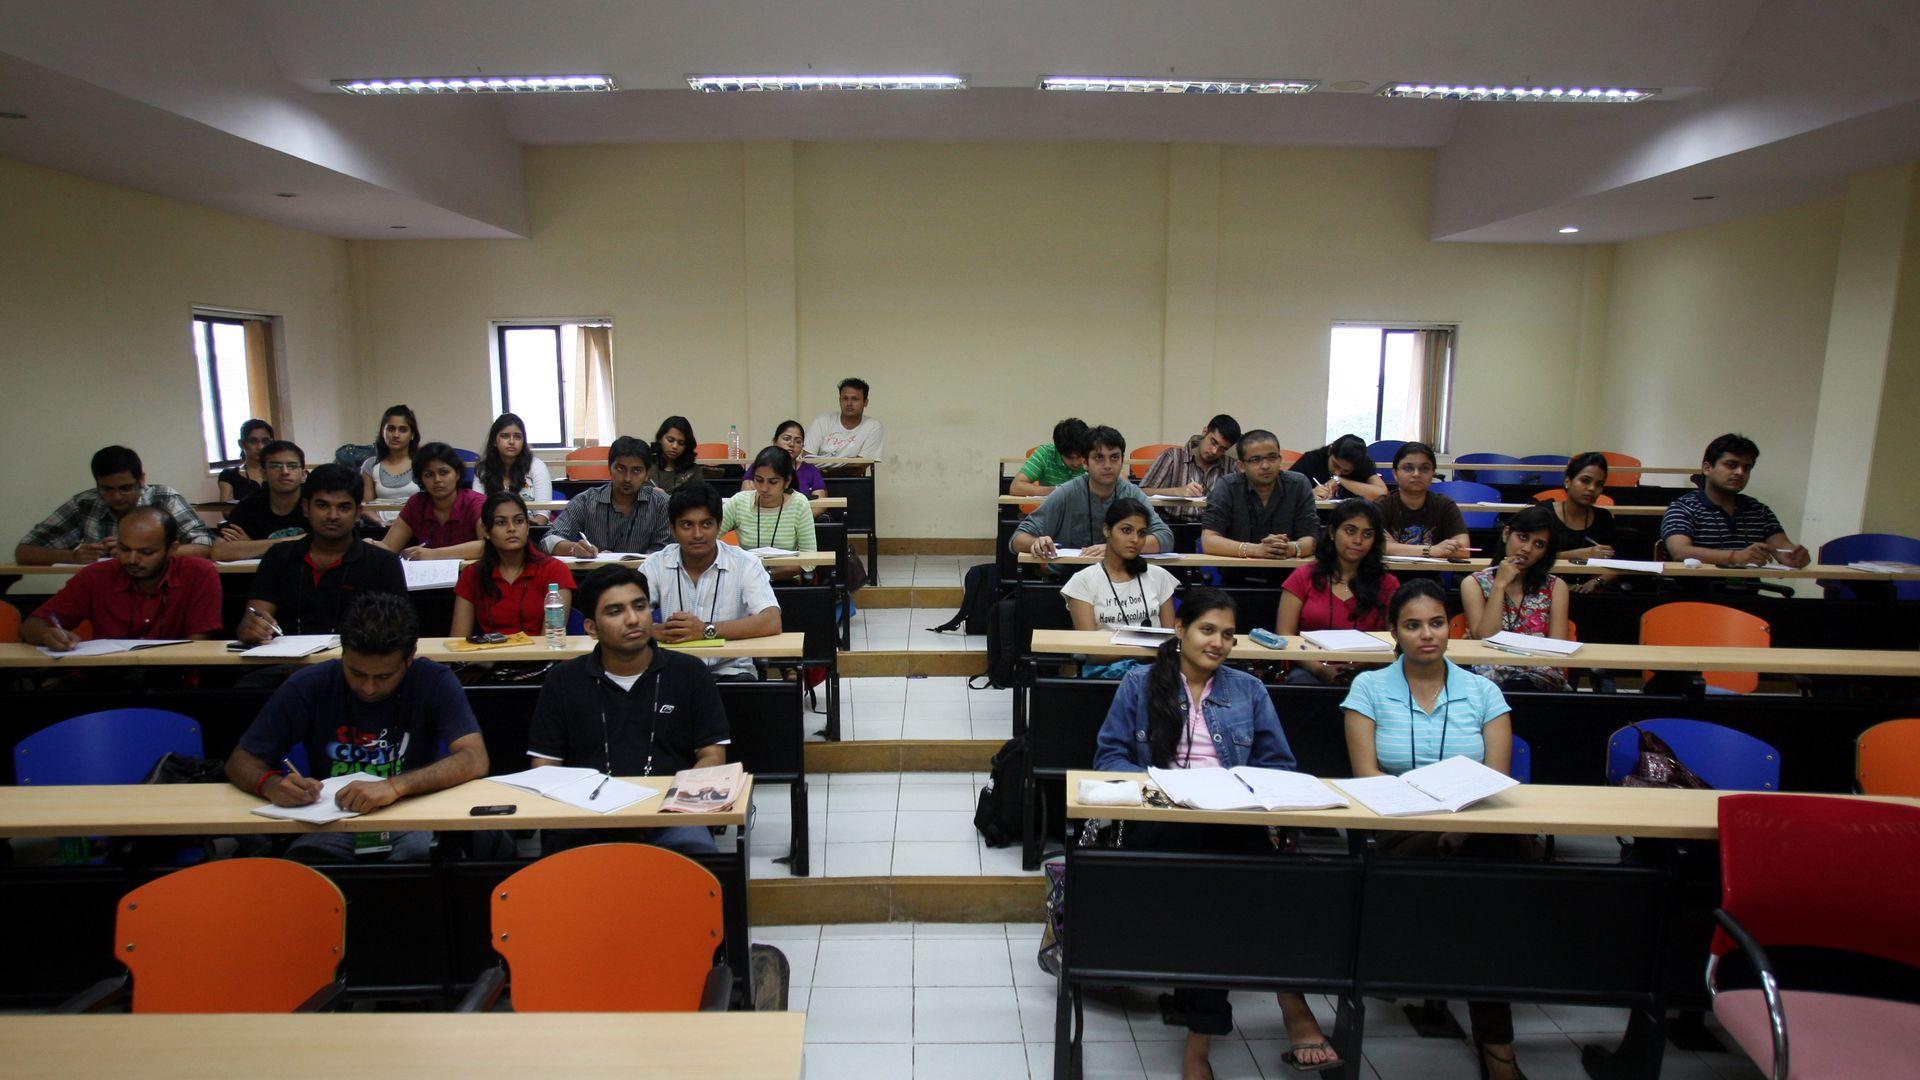 College students in Mumbai